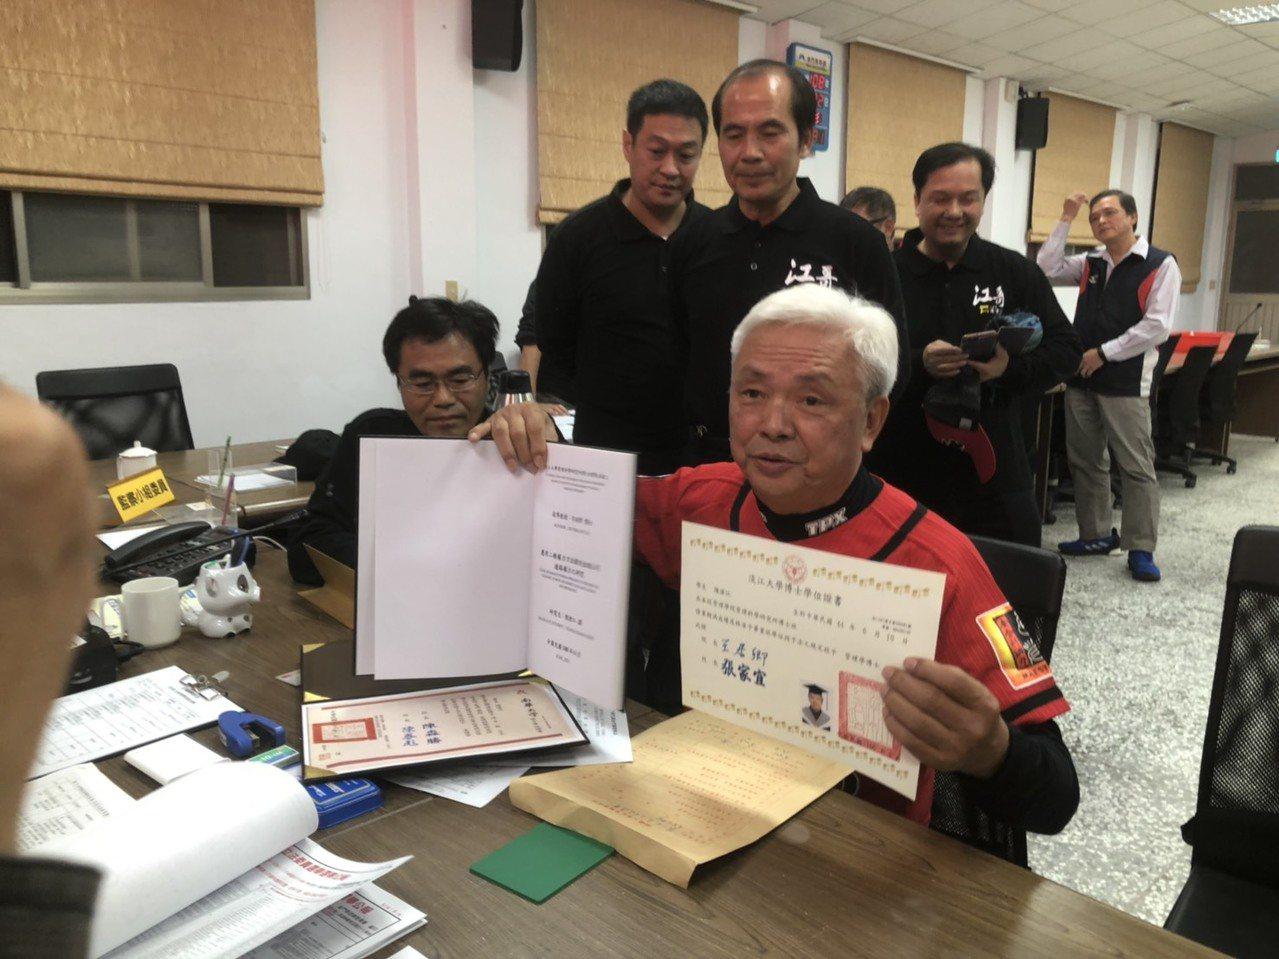 前議員陳滄江在支持者的陪同下,帶著博士論文與畢業證書到場登記參選立委。記者蔡家蓁...